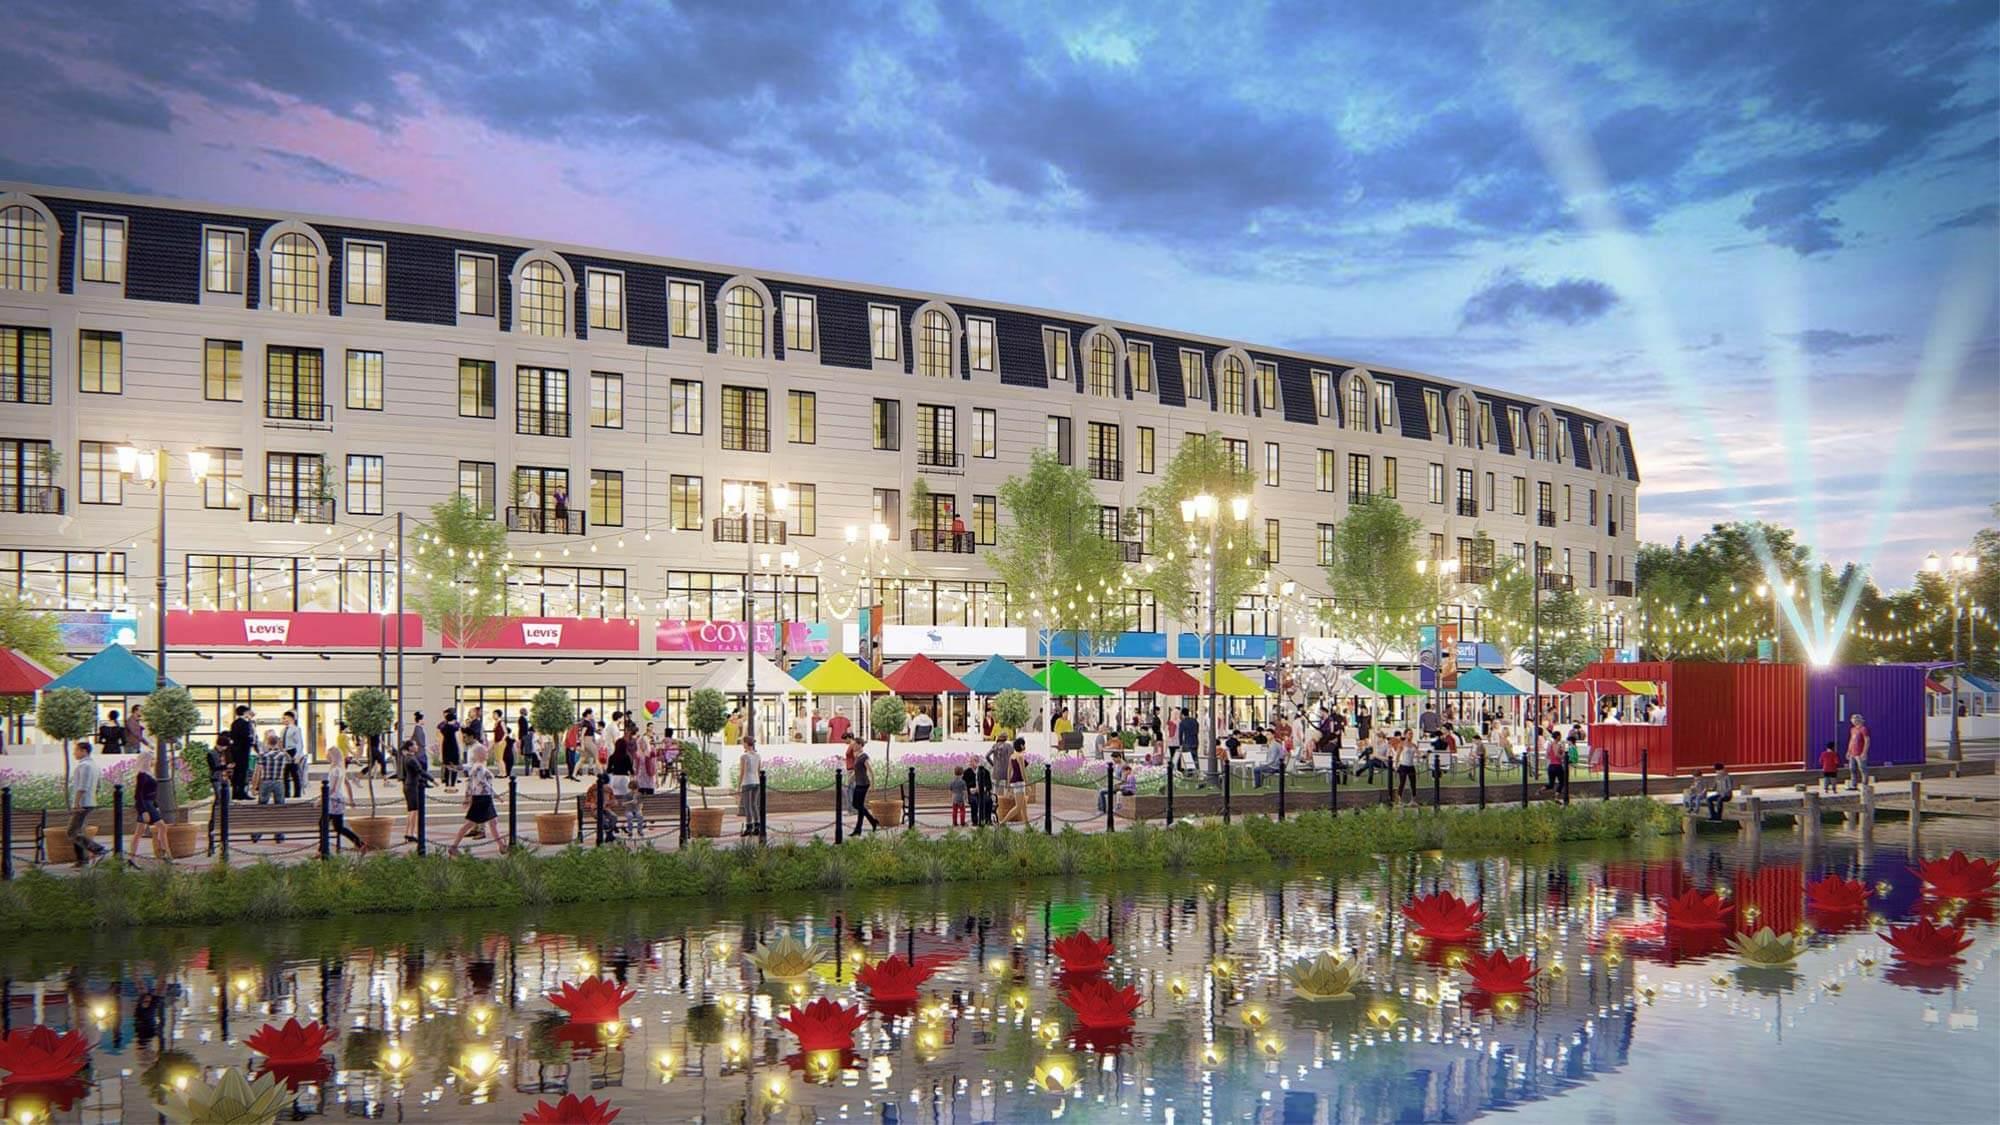 Ha Tien Centroria: Tổ hợp thương mại mặt tiền chợ đêm tại TP. Hà Tiên chính thức ra mắt